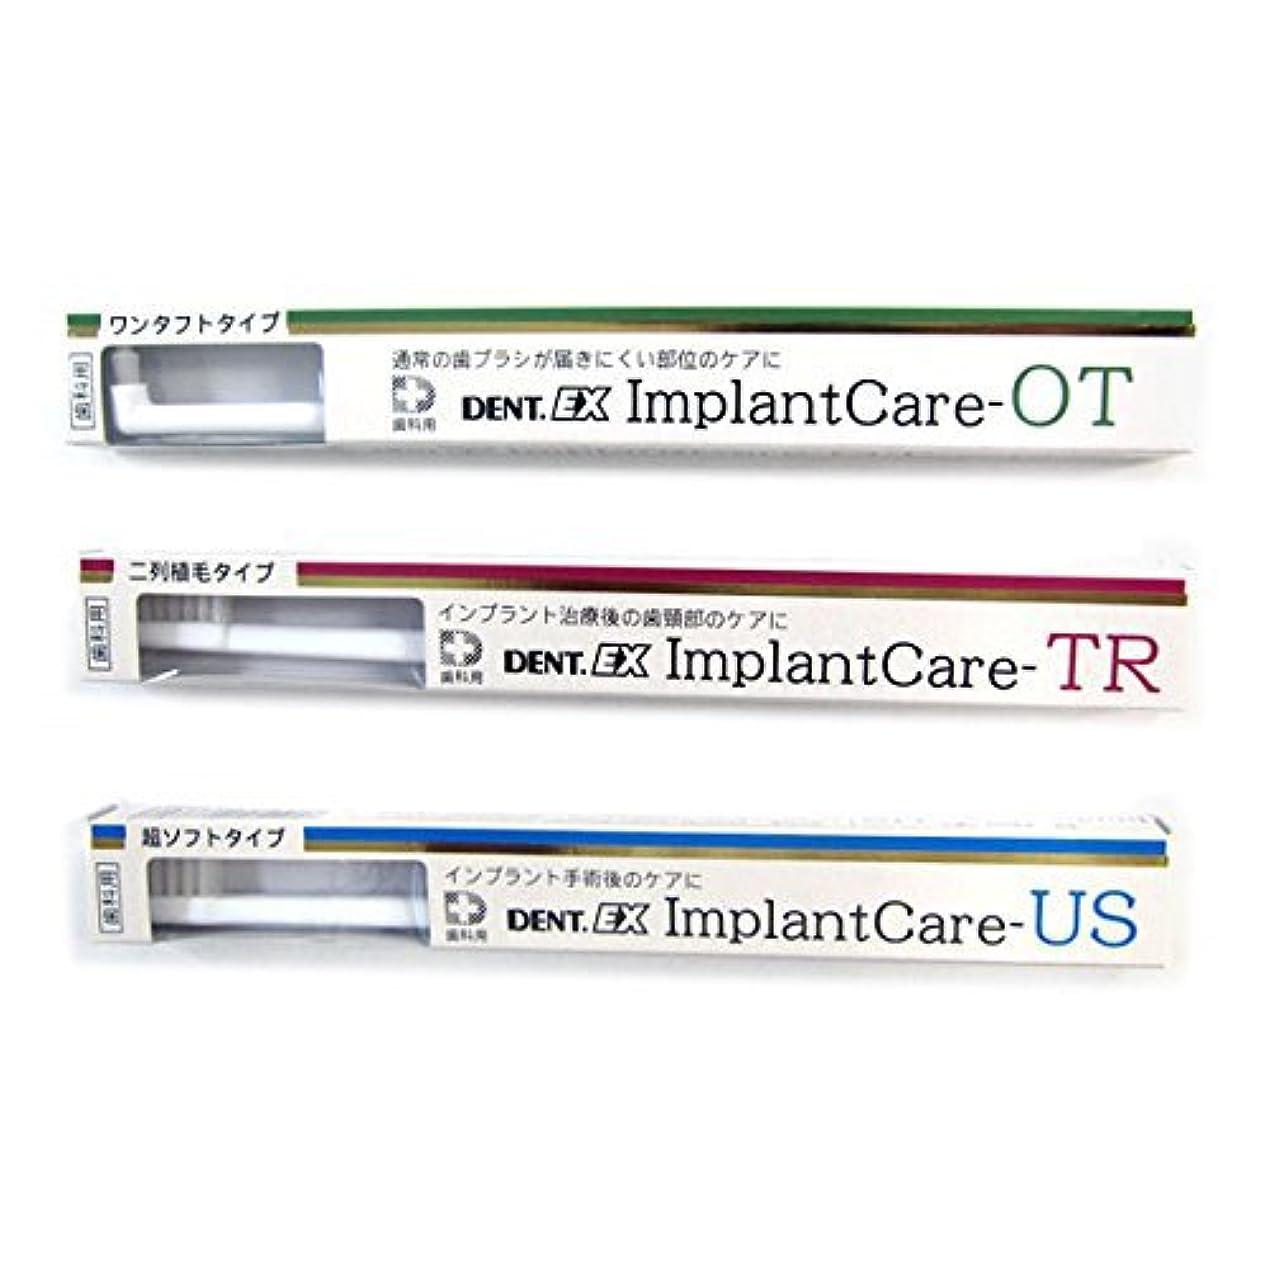 太い汚す池デント DENT EX ImplantCare インプラントケア 単品 OT(ワンタフト)